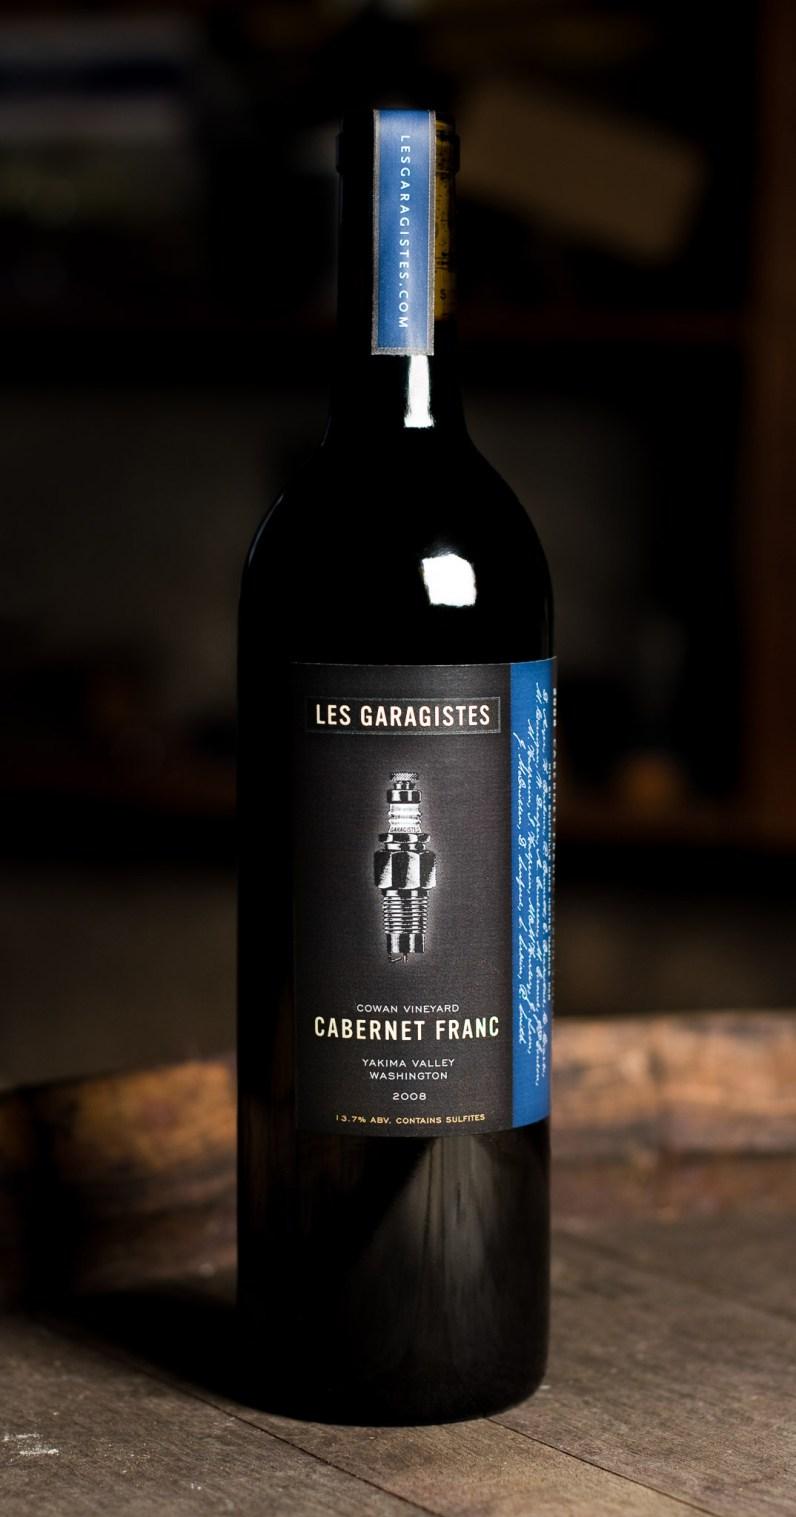 Les Garagistes Cabernet Franc Packaging by Matt Giraud